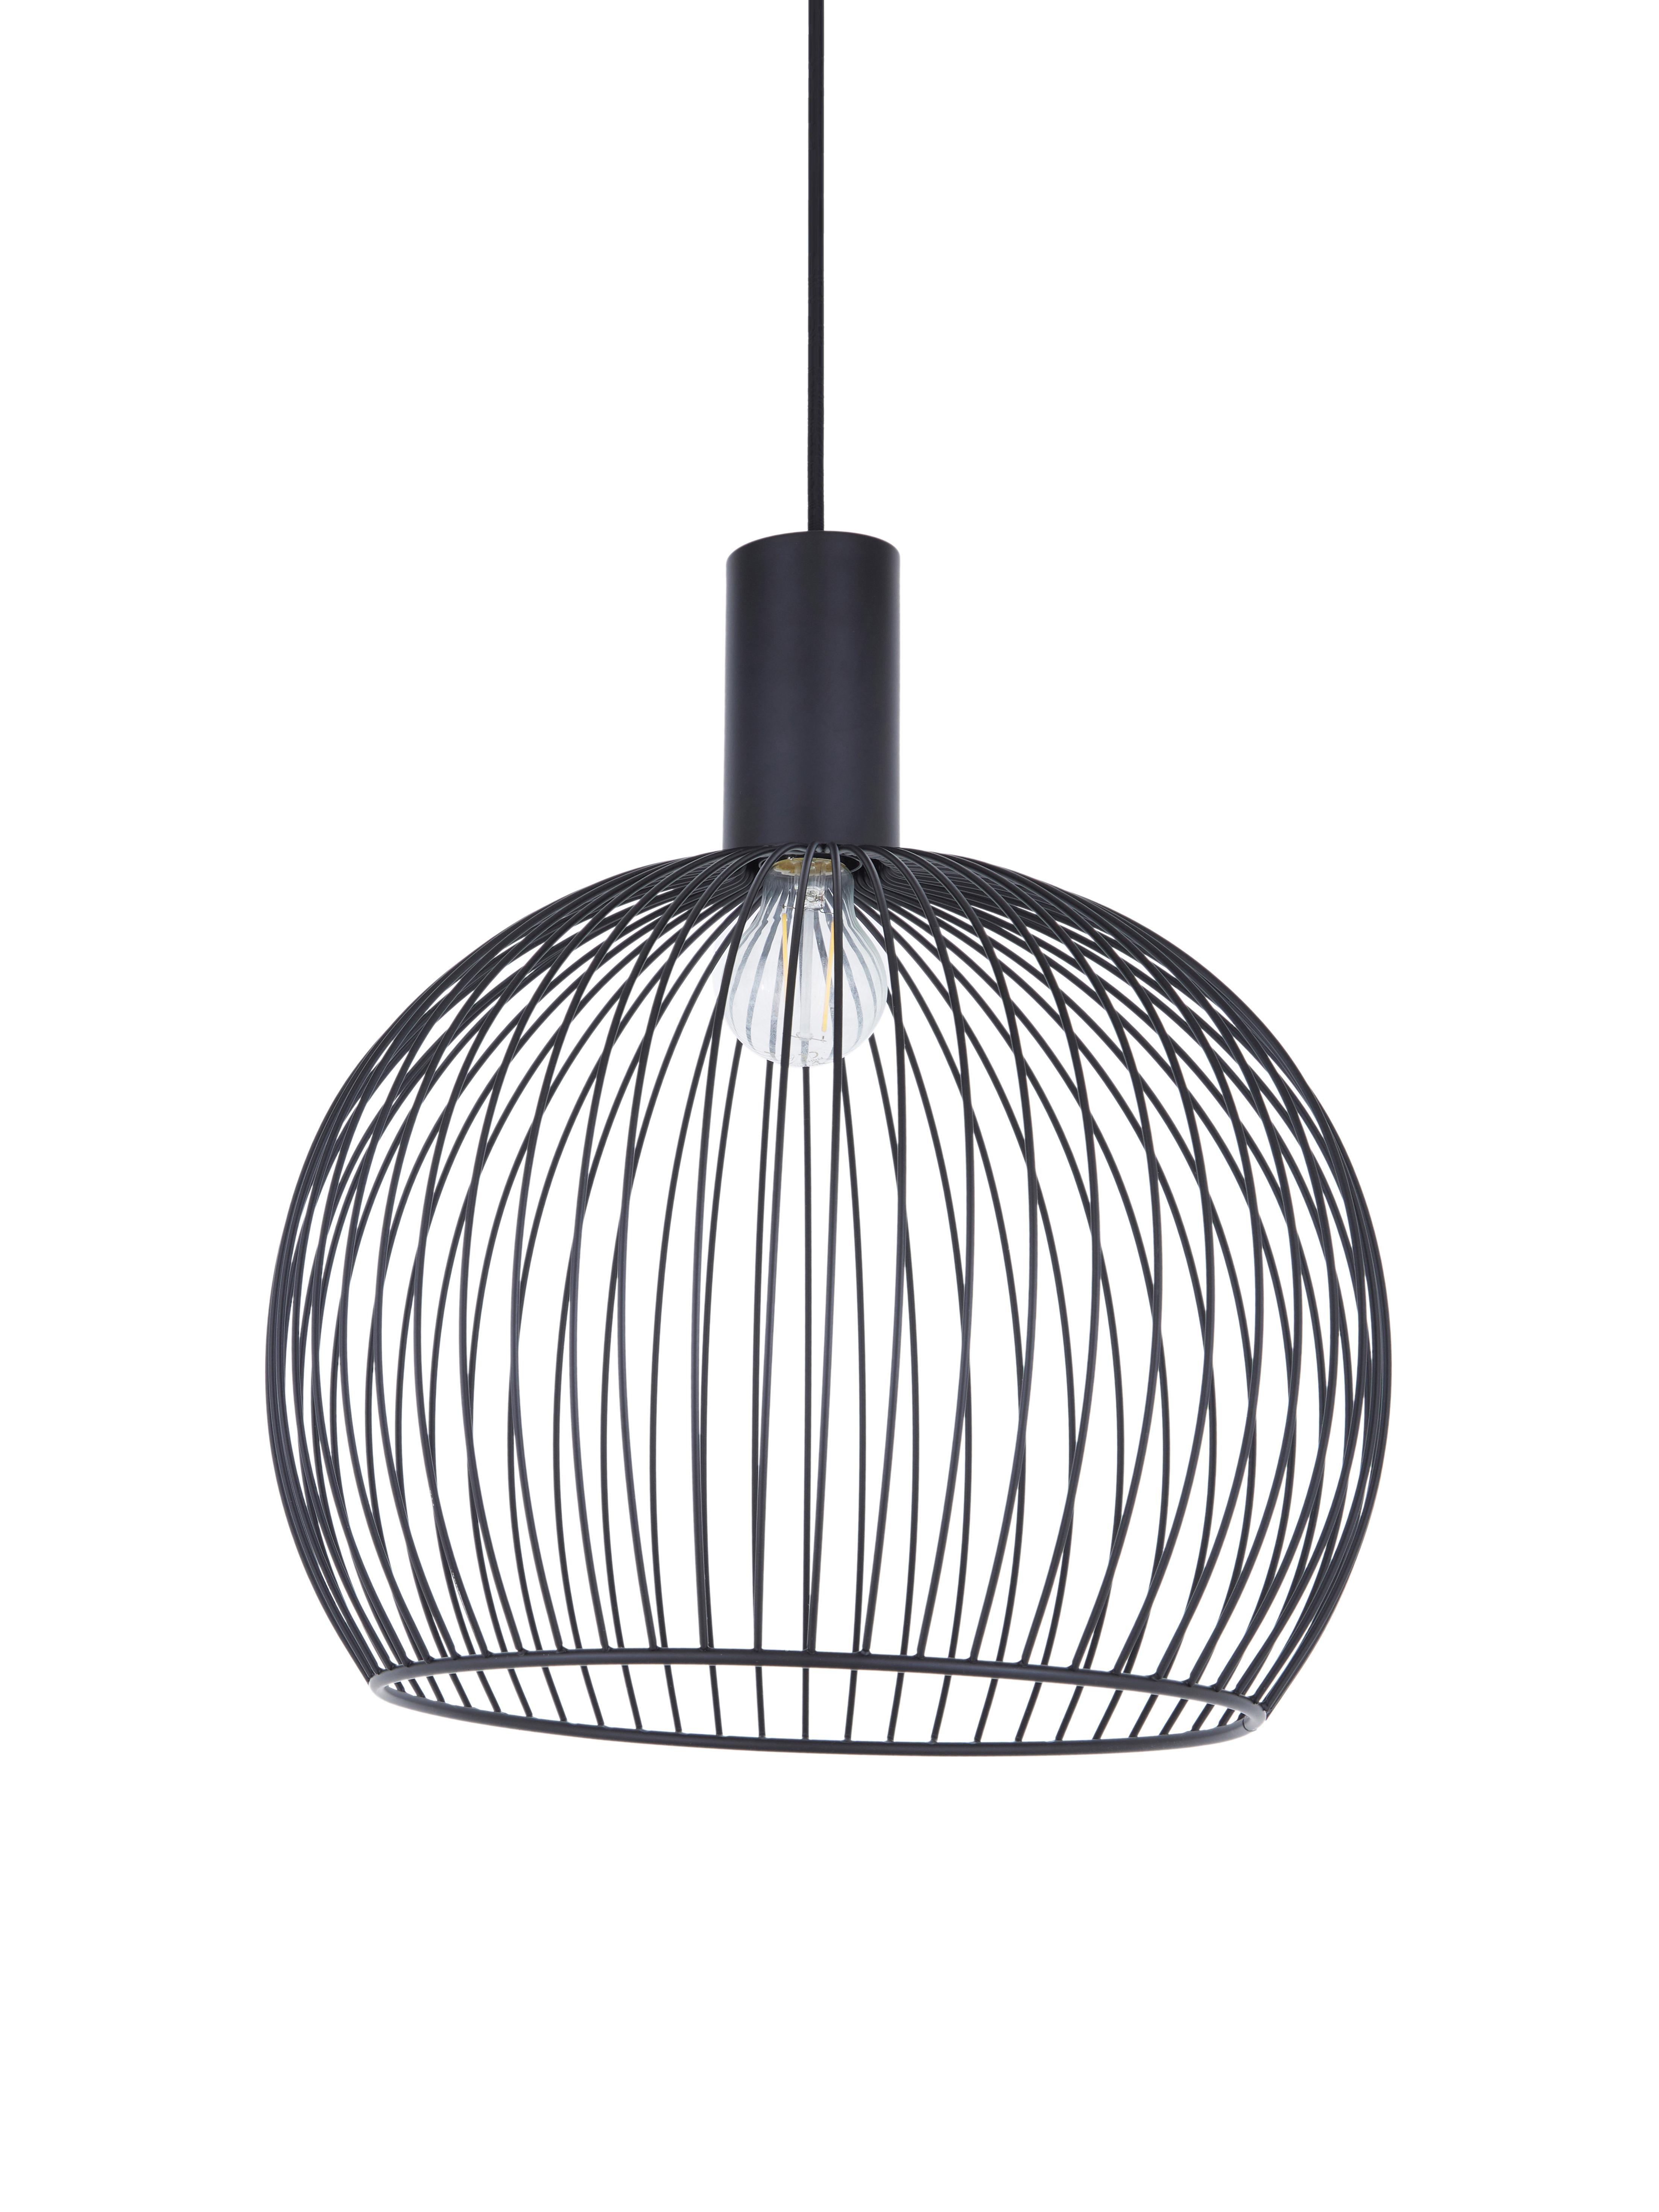 Lampada a sospensione di design Aver, Paralume: acciaio verniciato, Baldacchino: materiale sintetico, Nero, Ø 40 x Alt. 45 cm